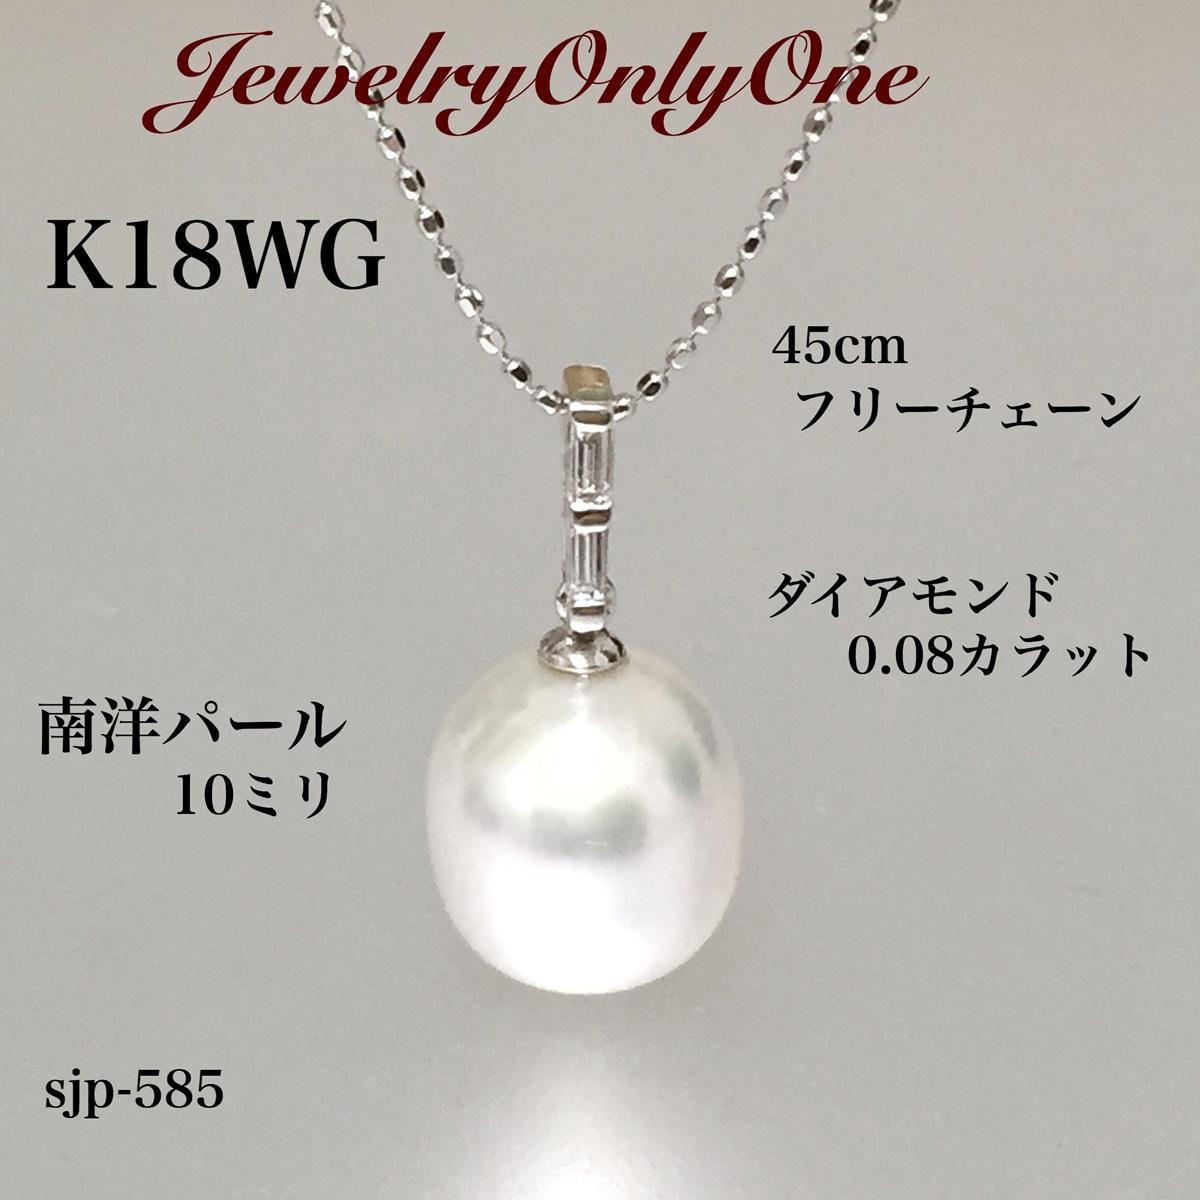 南洋真珠ダイアモンドK18ホワイトゴールドペンダントネックレスパールプチネックレス